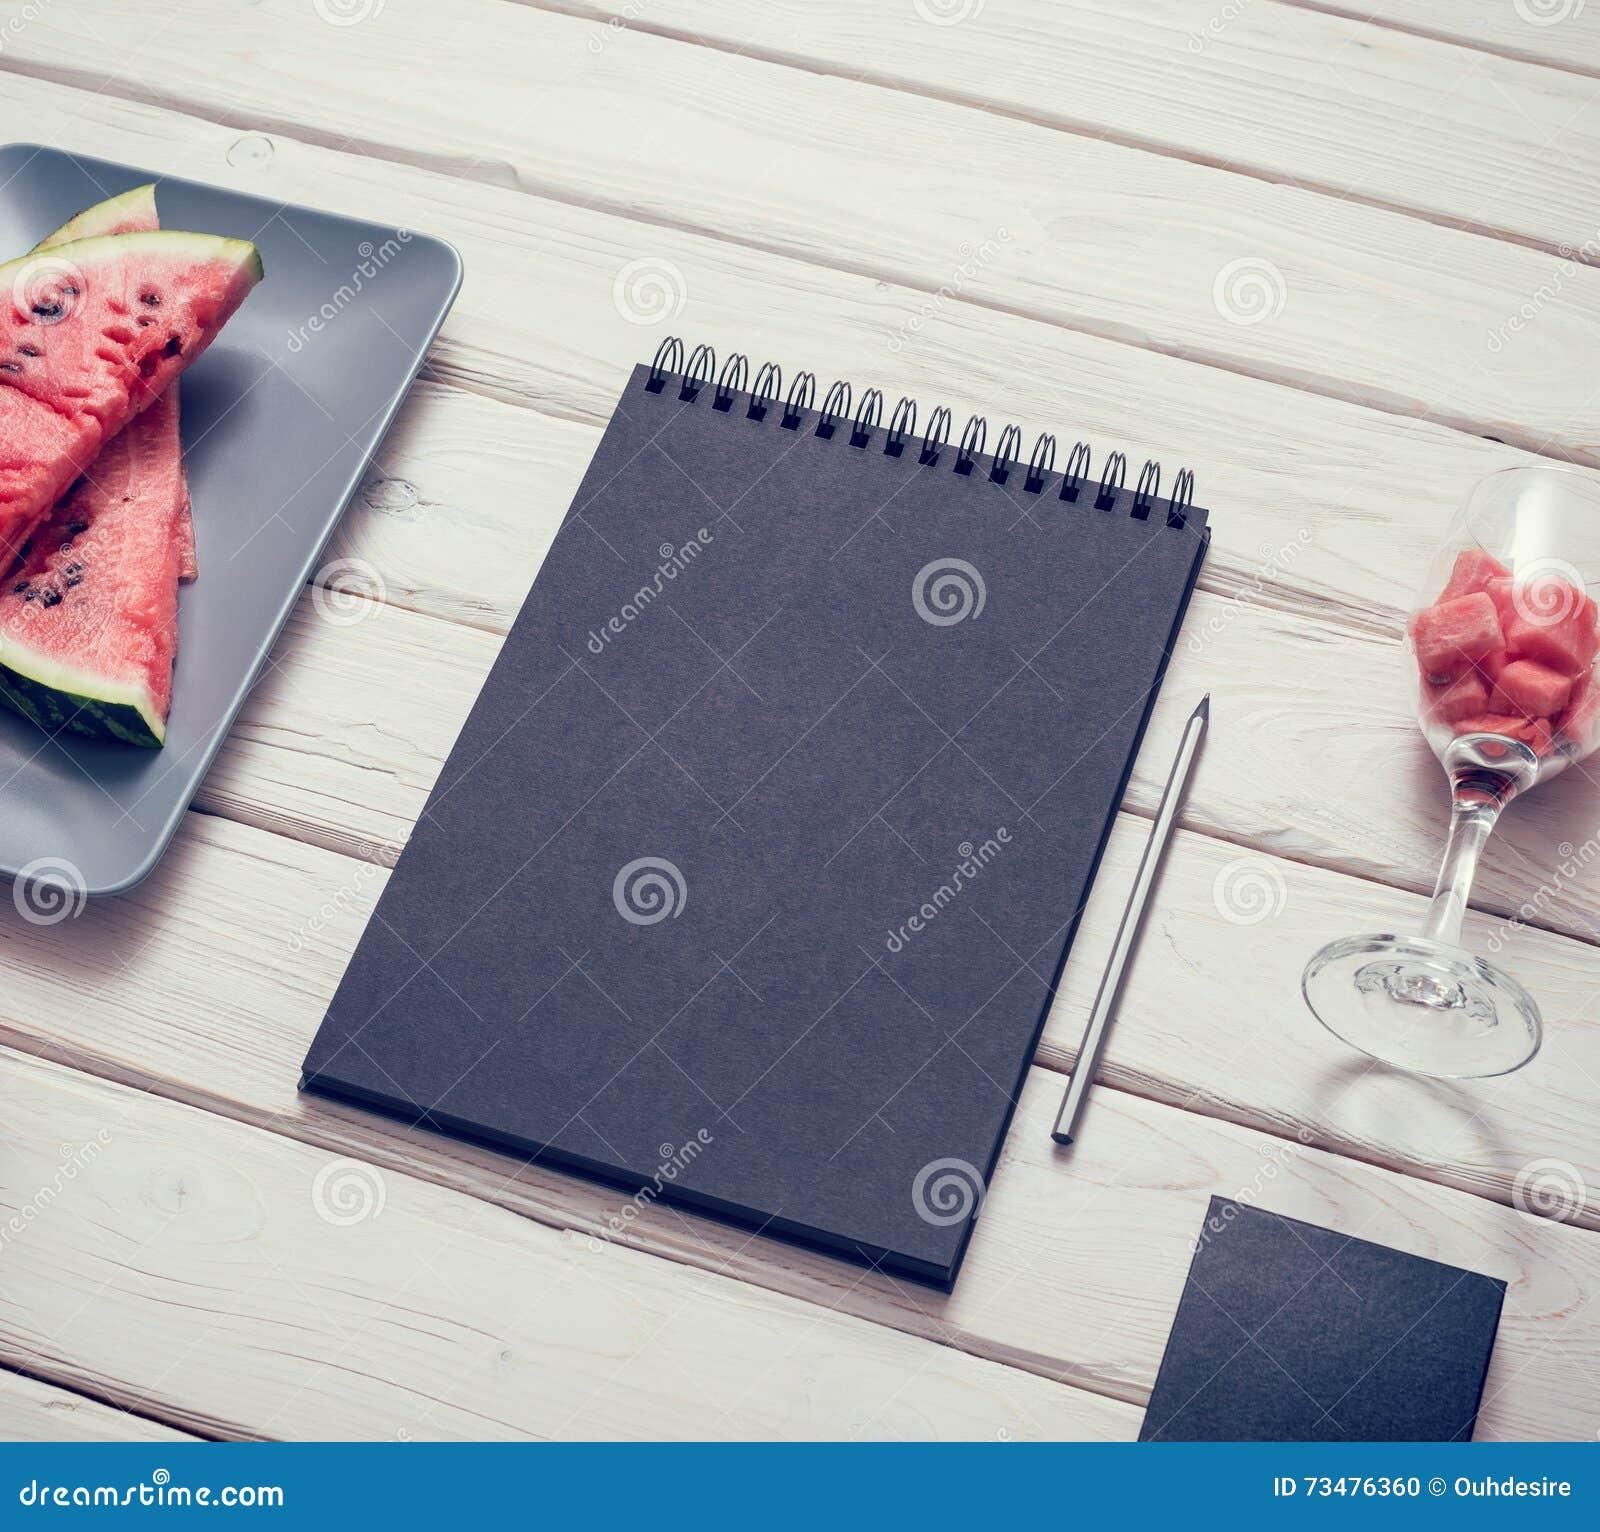 在厨房用桌上的写生簿